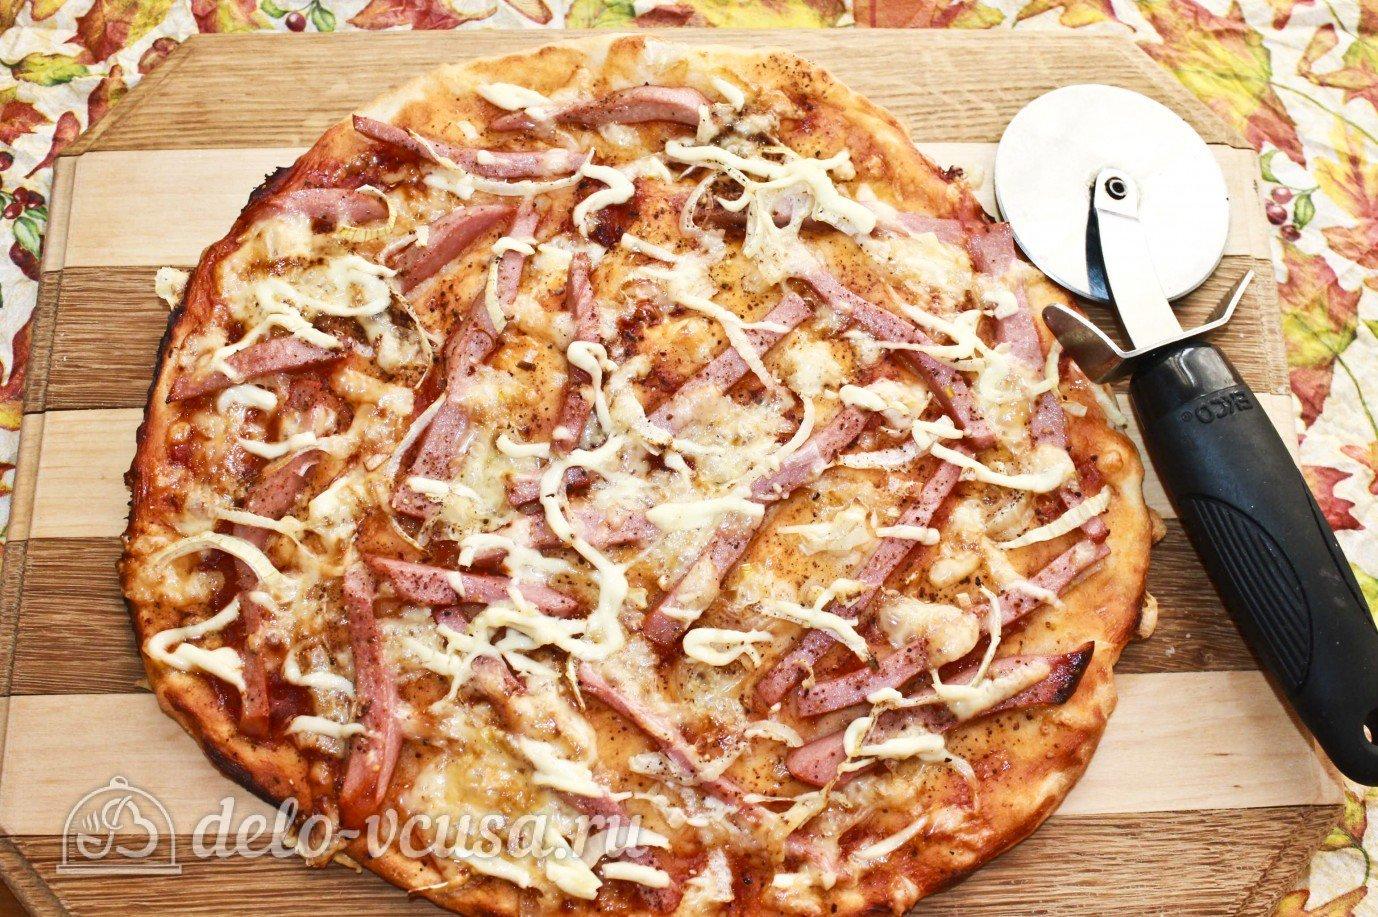 Пицца с вареной колбасой рецепт с фото